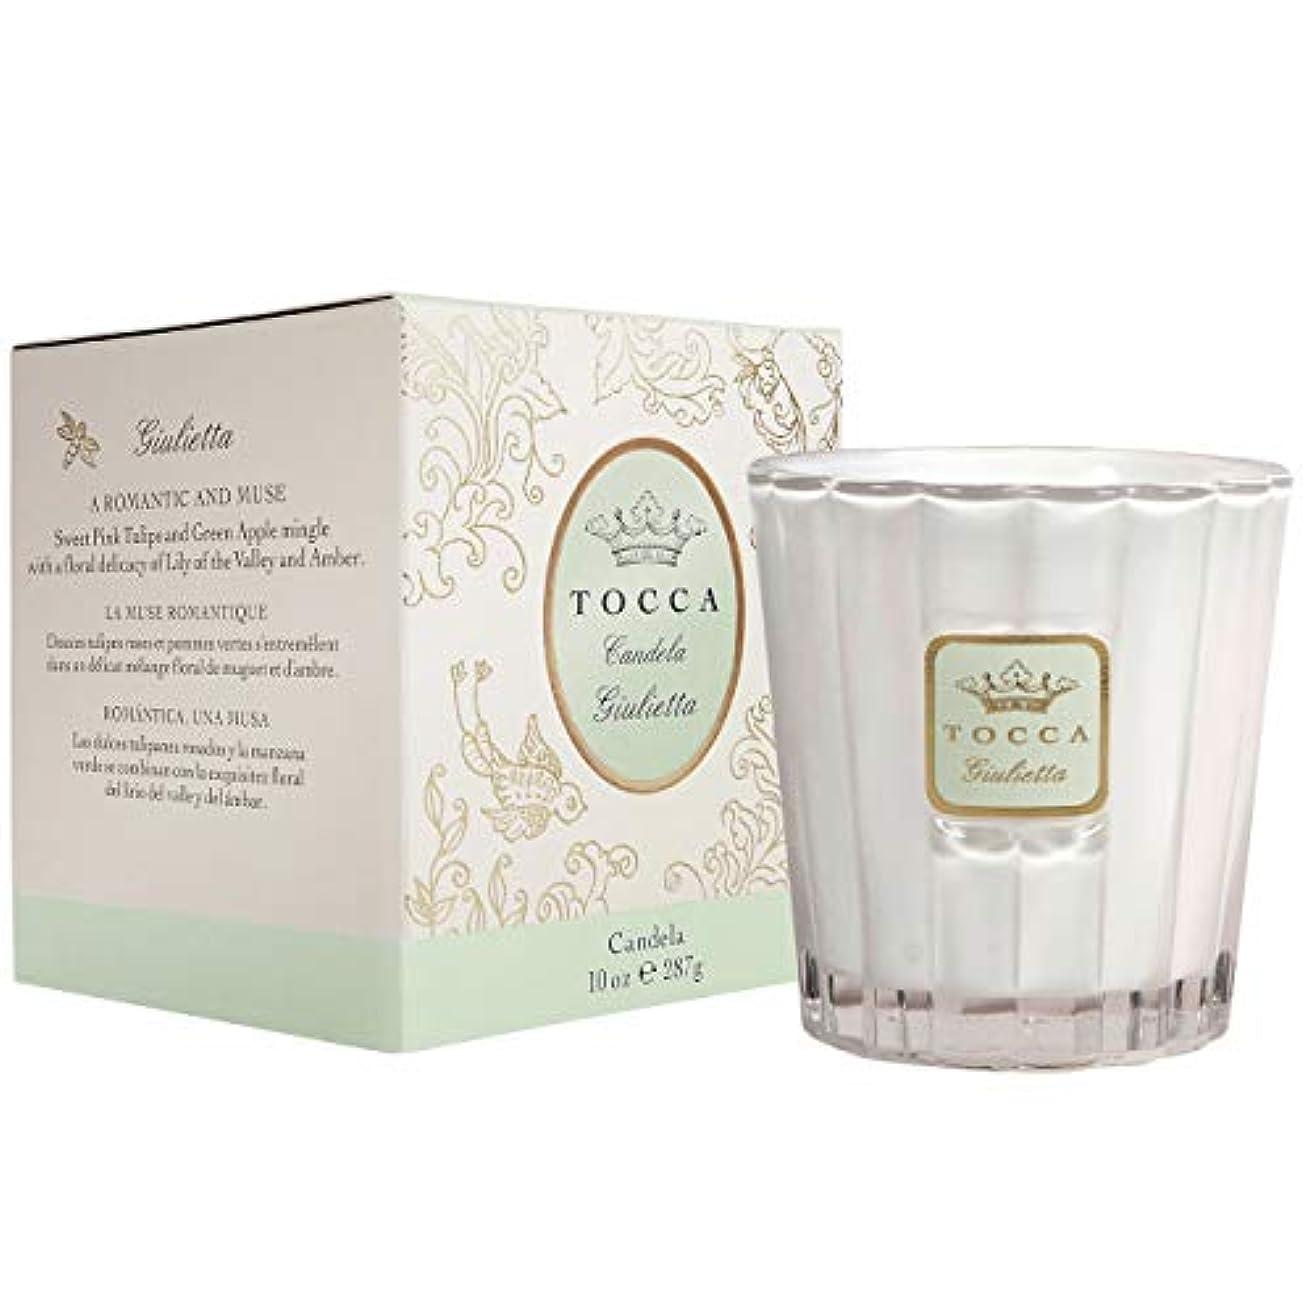 センチメートル中級ライフルトッカ(TOCCA) キャンドル ジュリエッタの香り 約287g (ろうそく 爽やかで甘い香り)